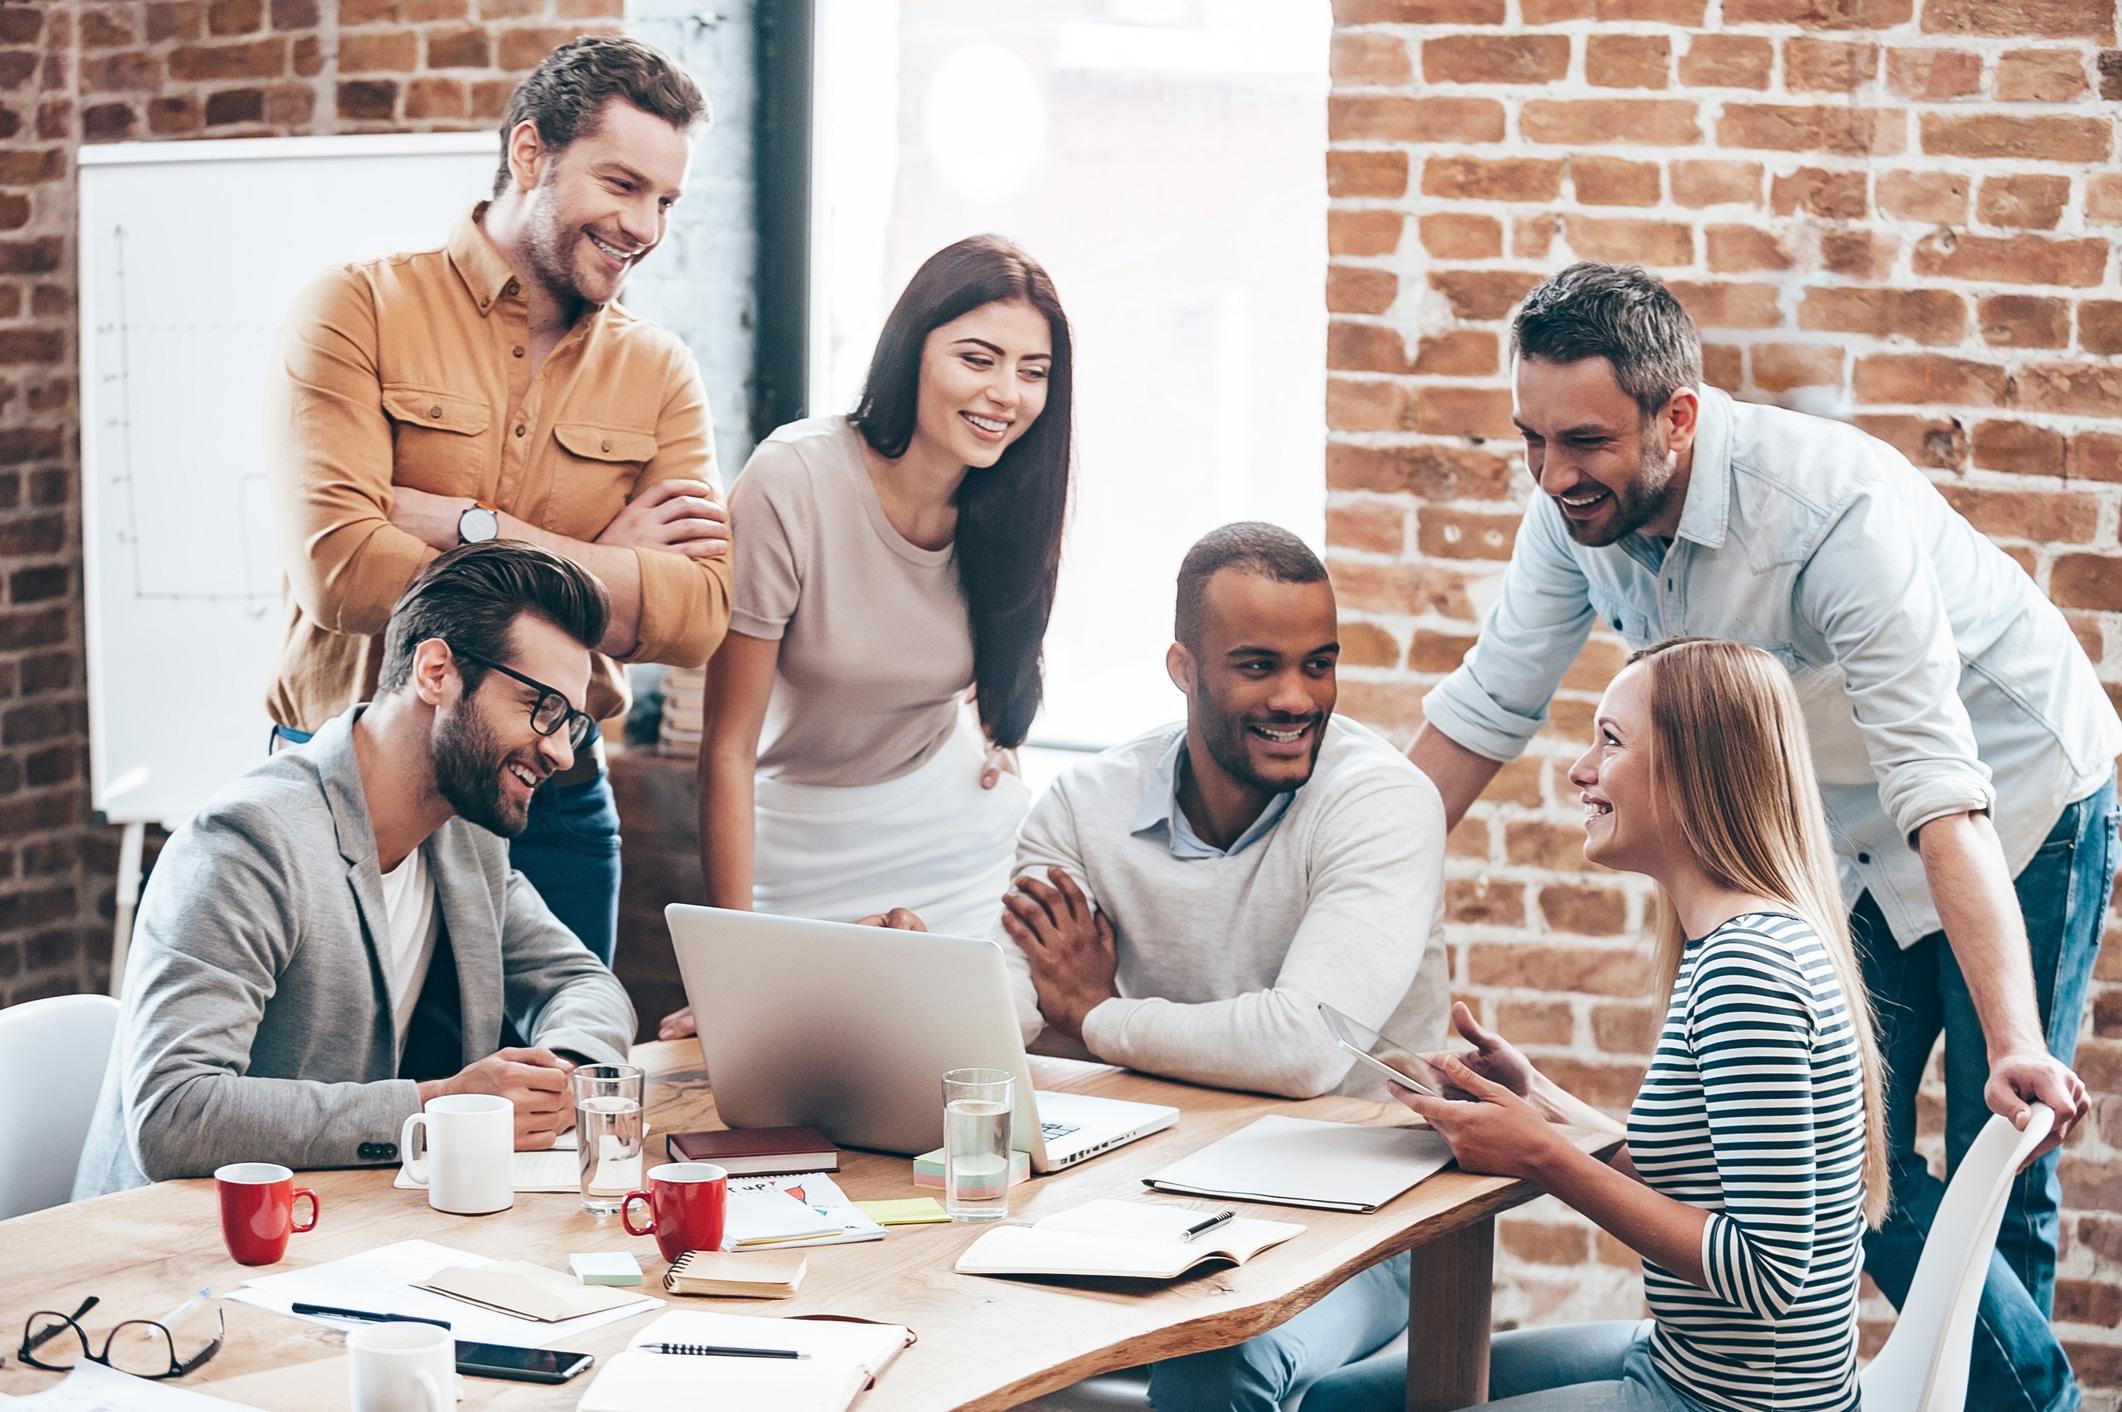 Tipos de personalidad y ambiente laboral